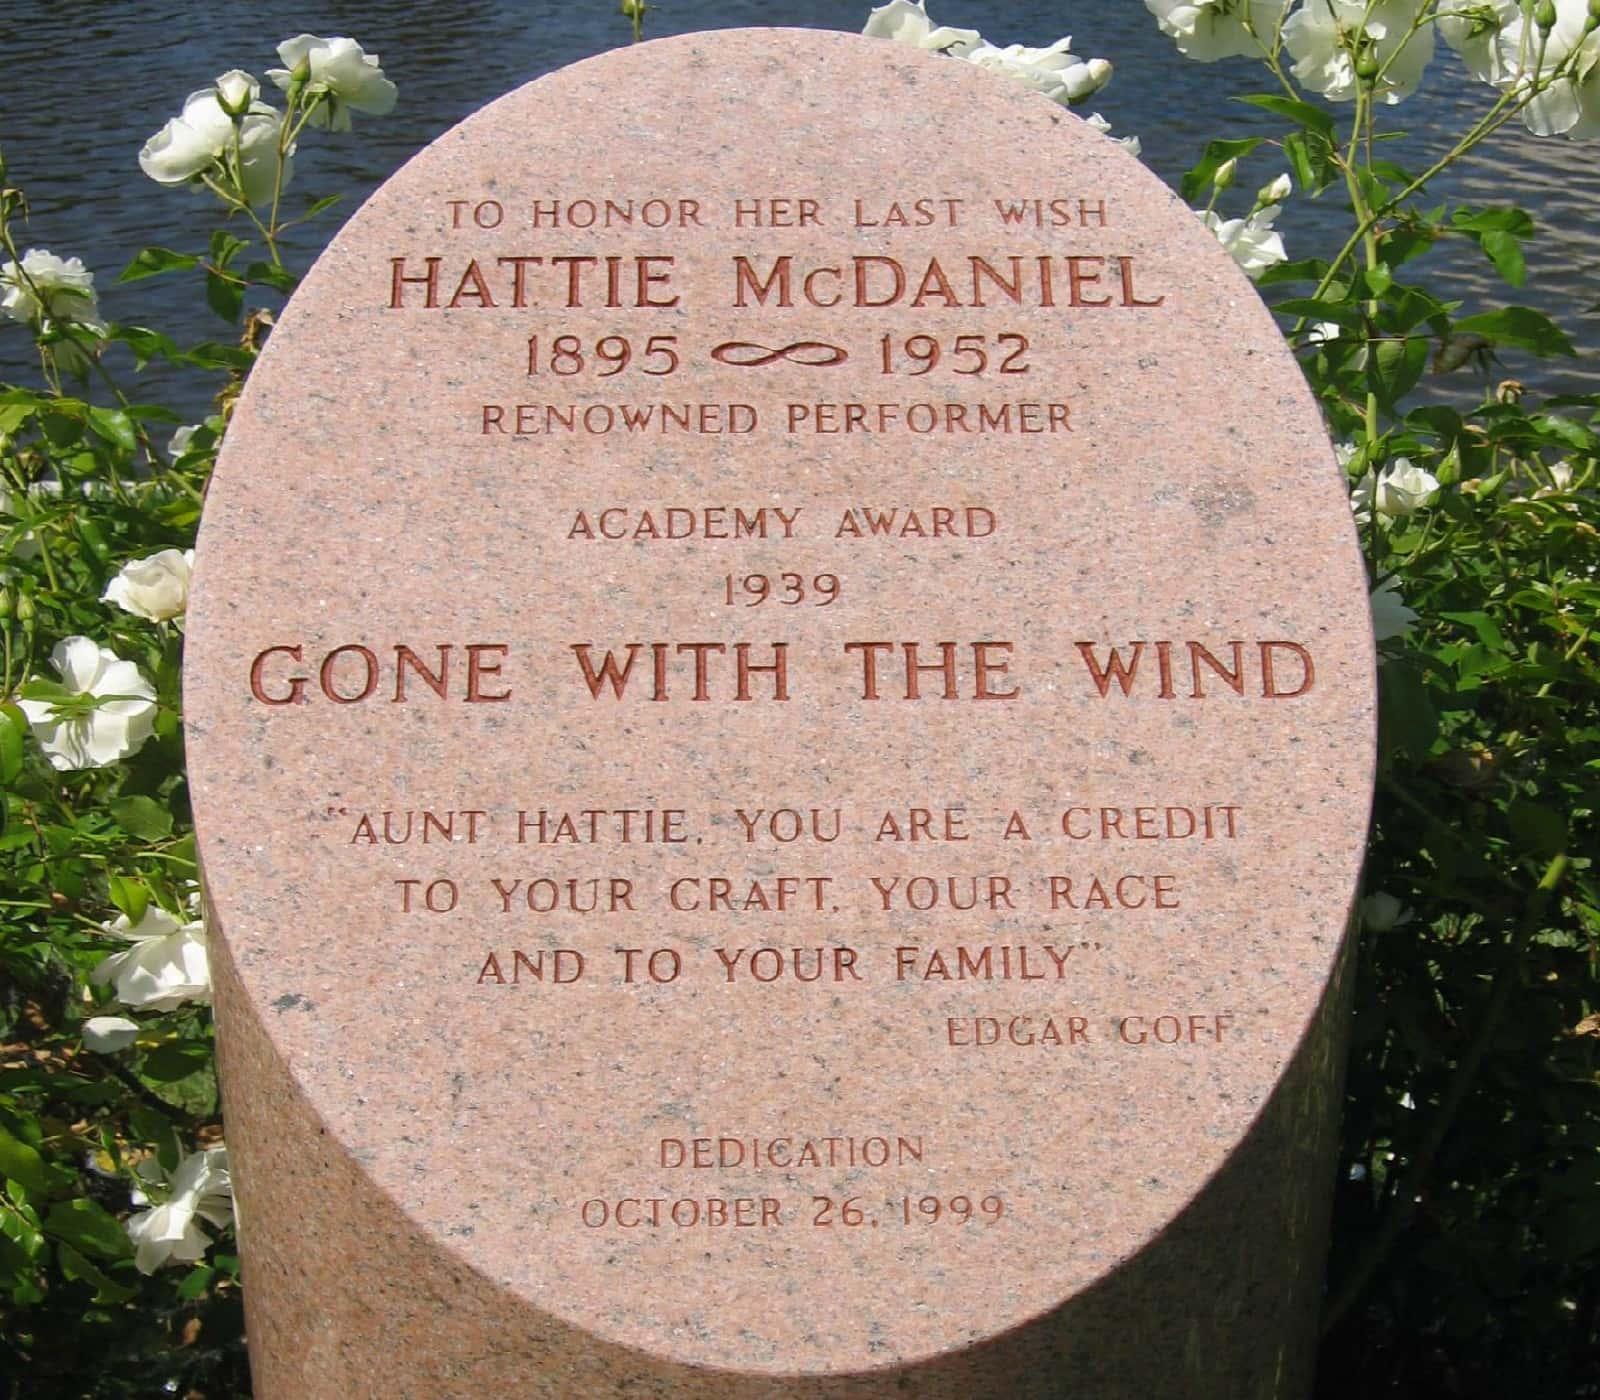 Hattie McDaniel Facts